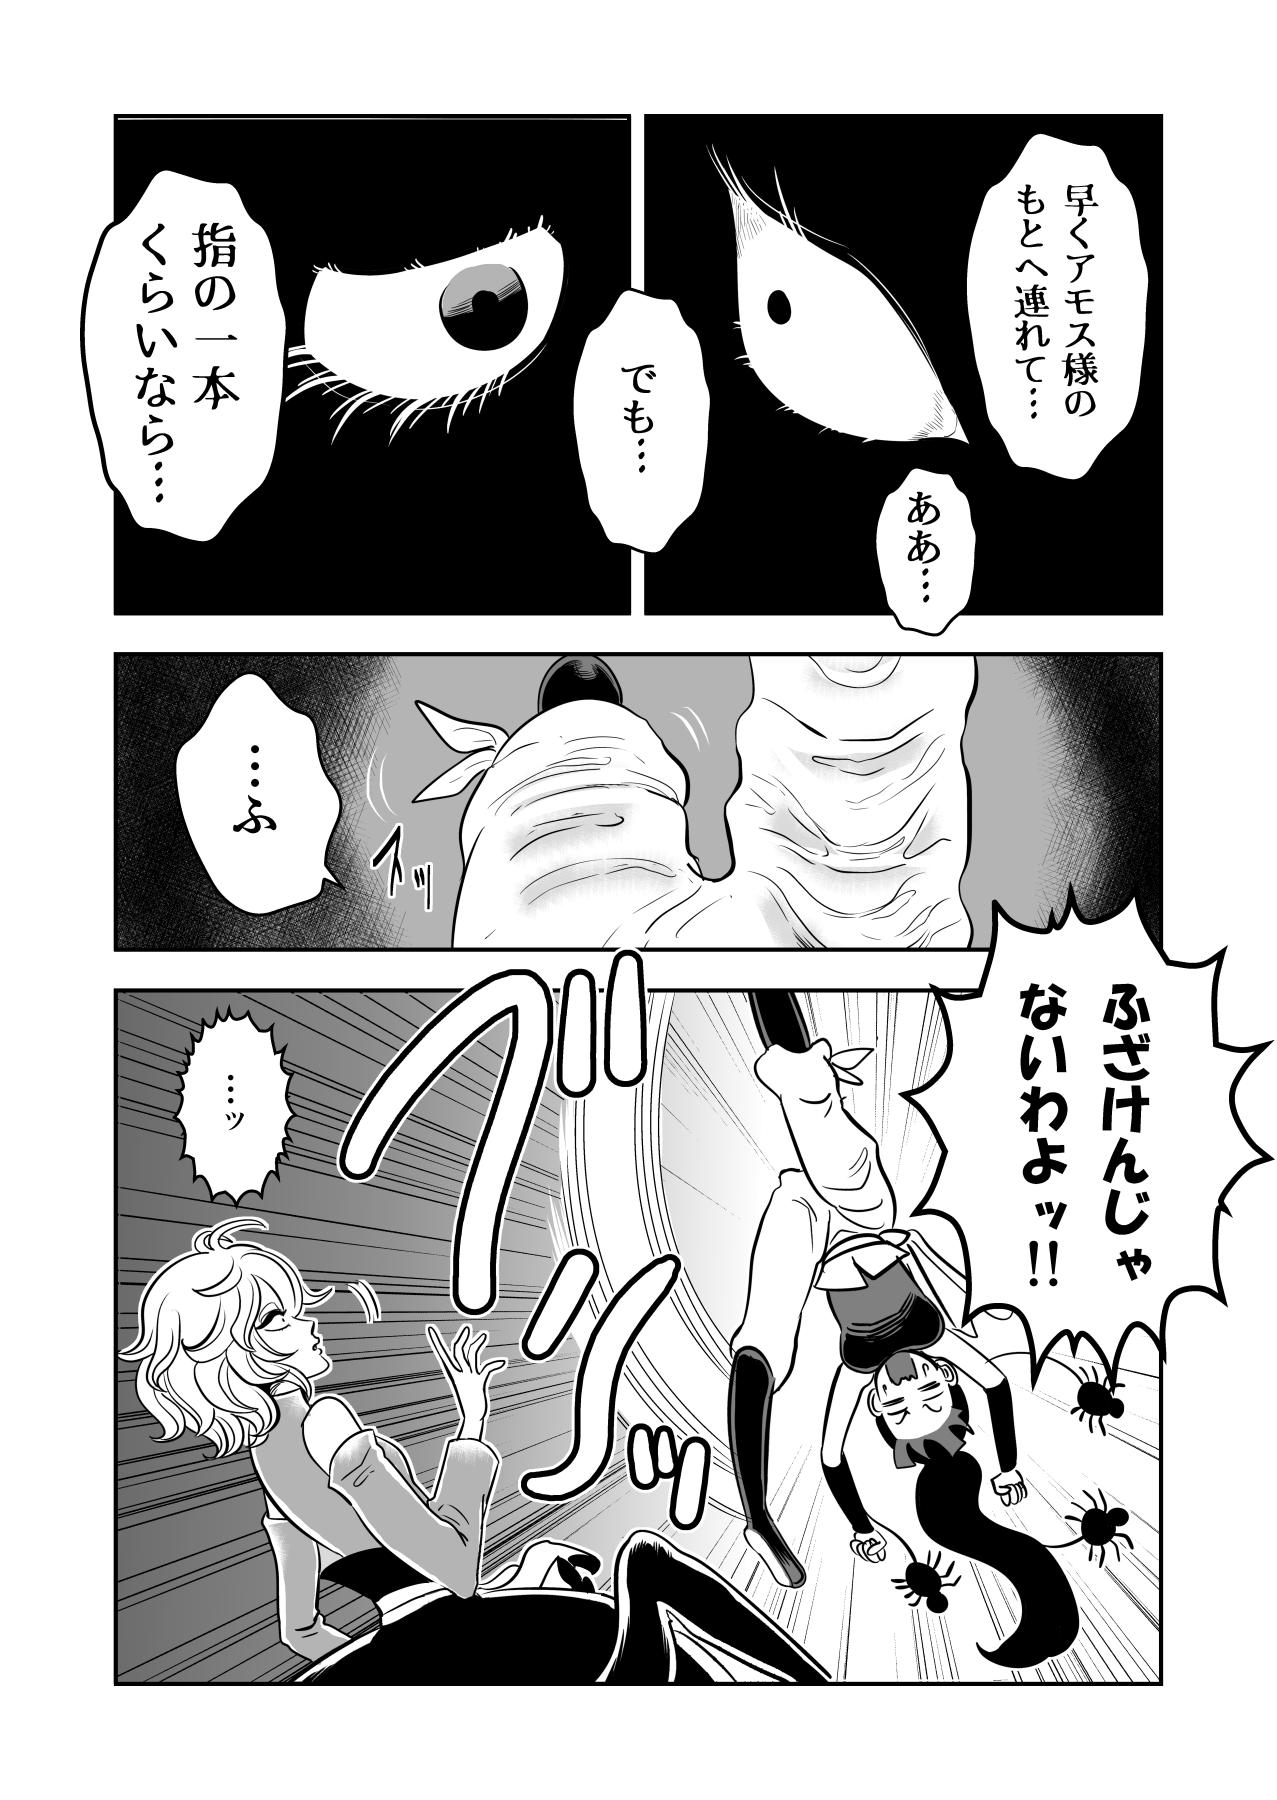 ヤサグレ魔女と第1王子と吸血鬼①0077